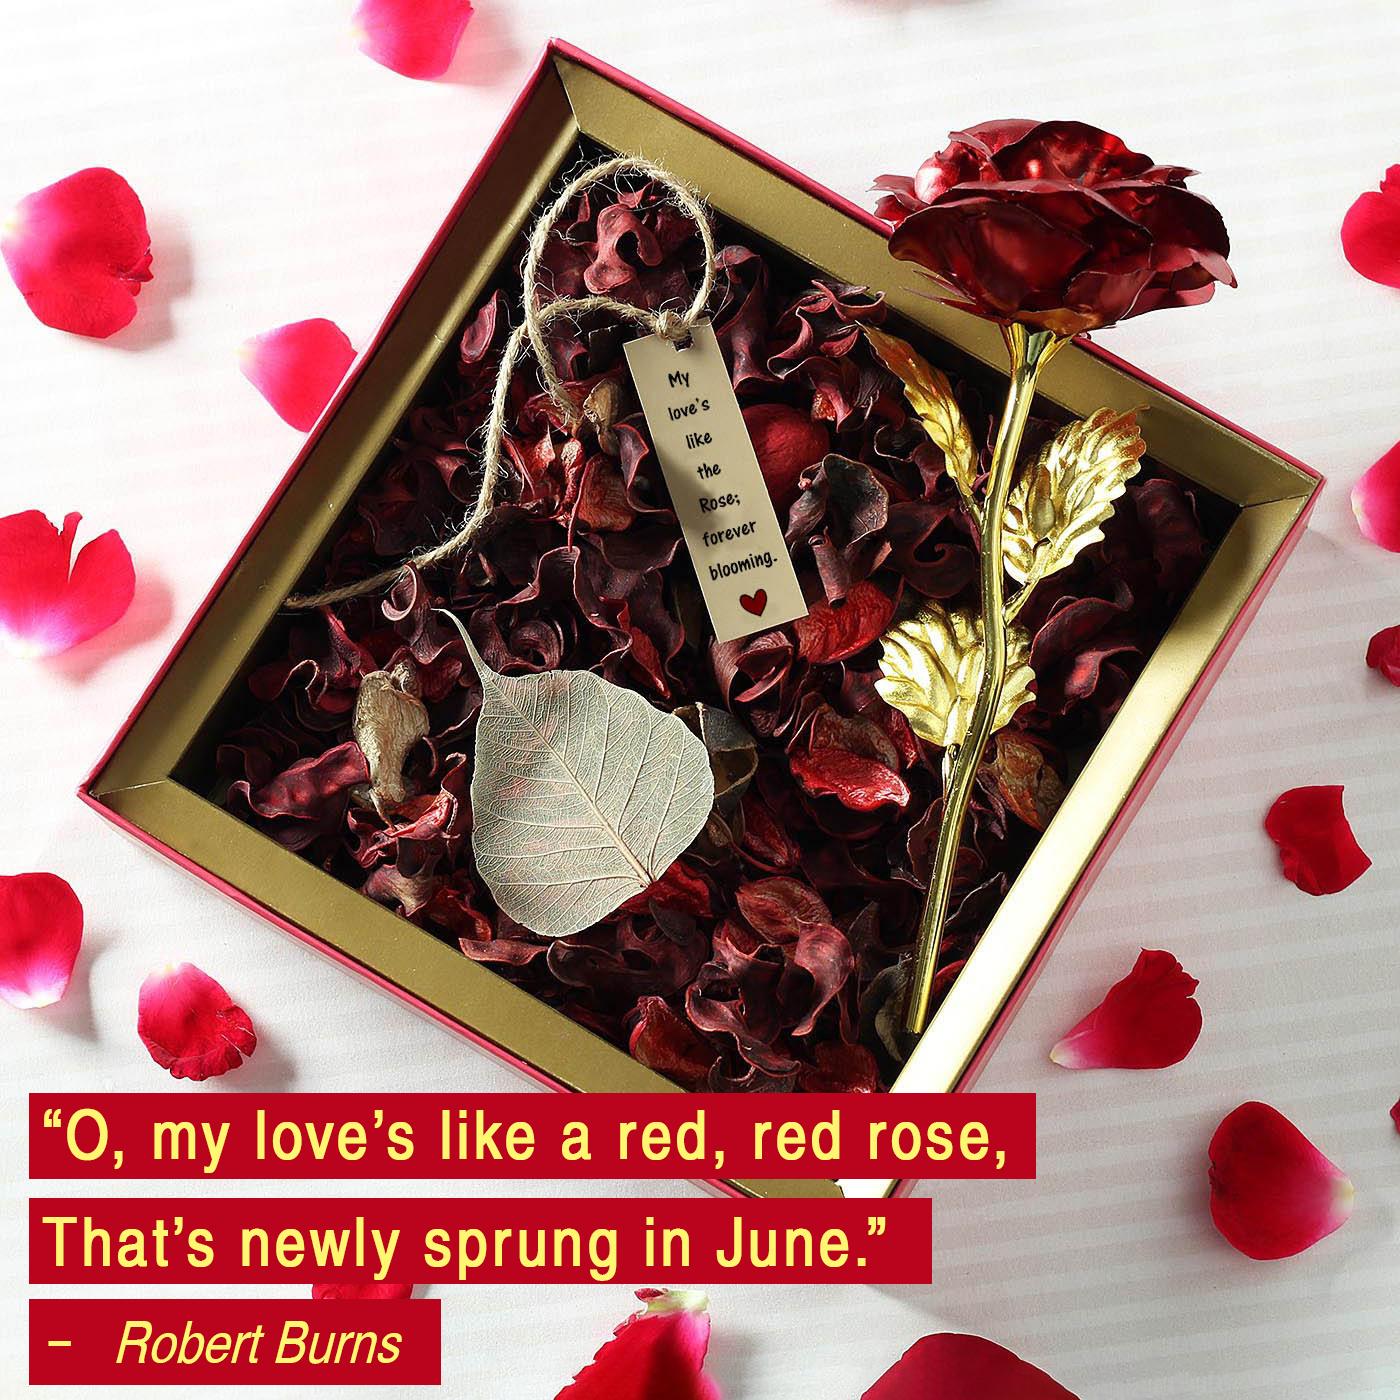 robert burns love quote